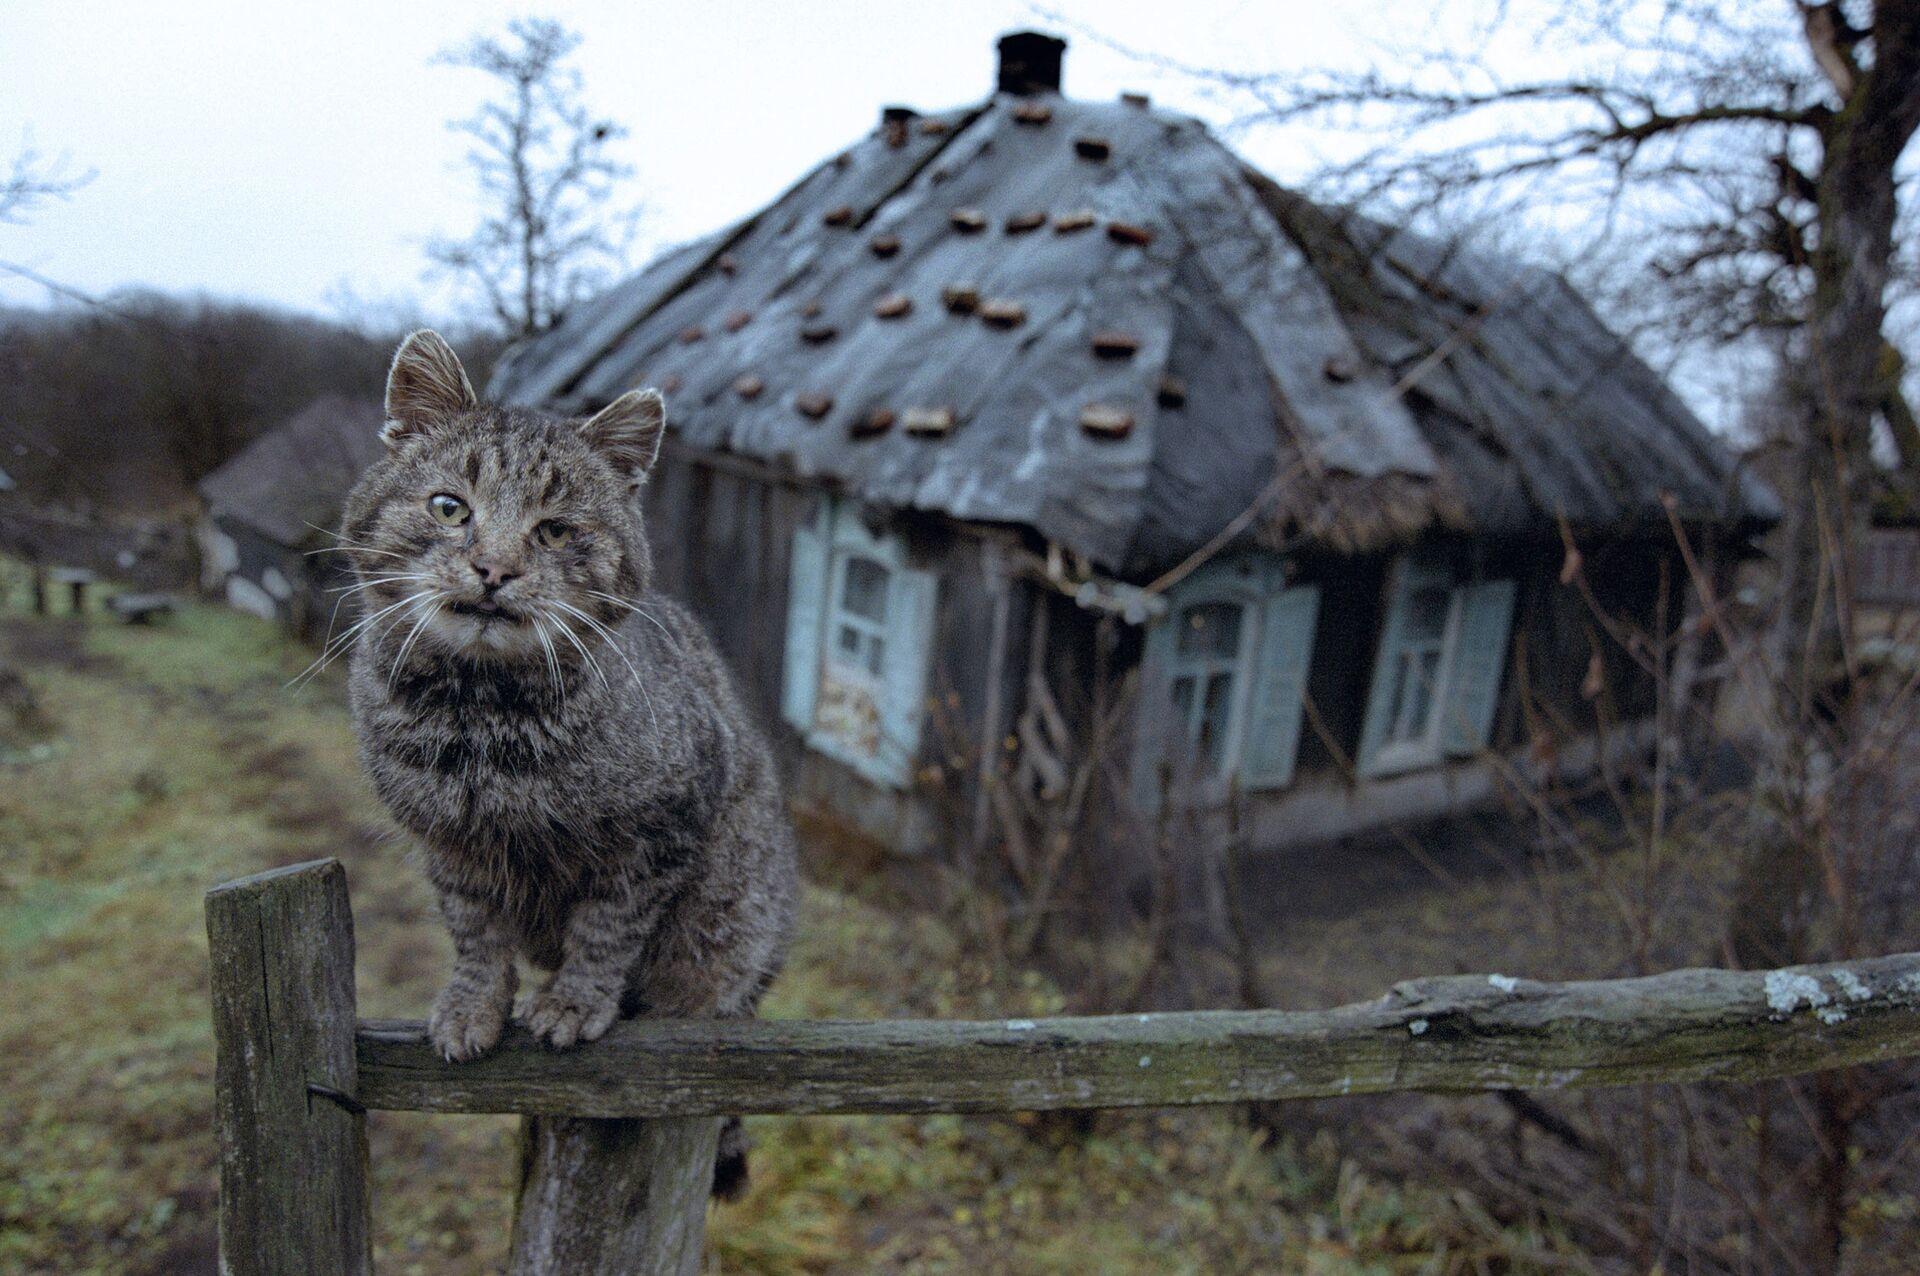 Ветхий дом в деревне - Sputnik Беларусь, 1920, 07.09.2021